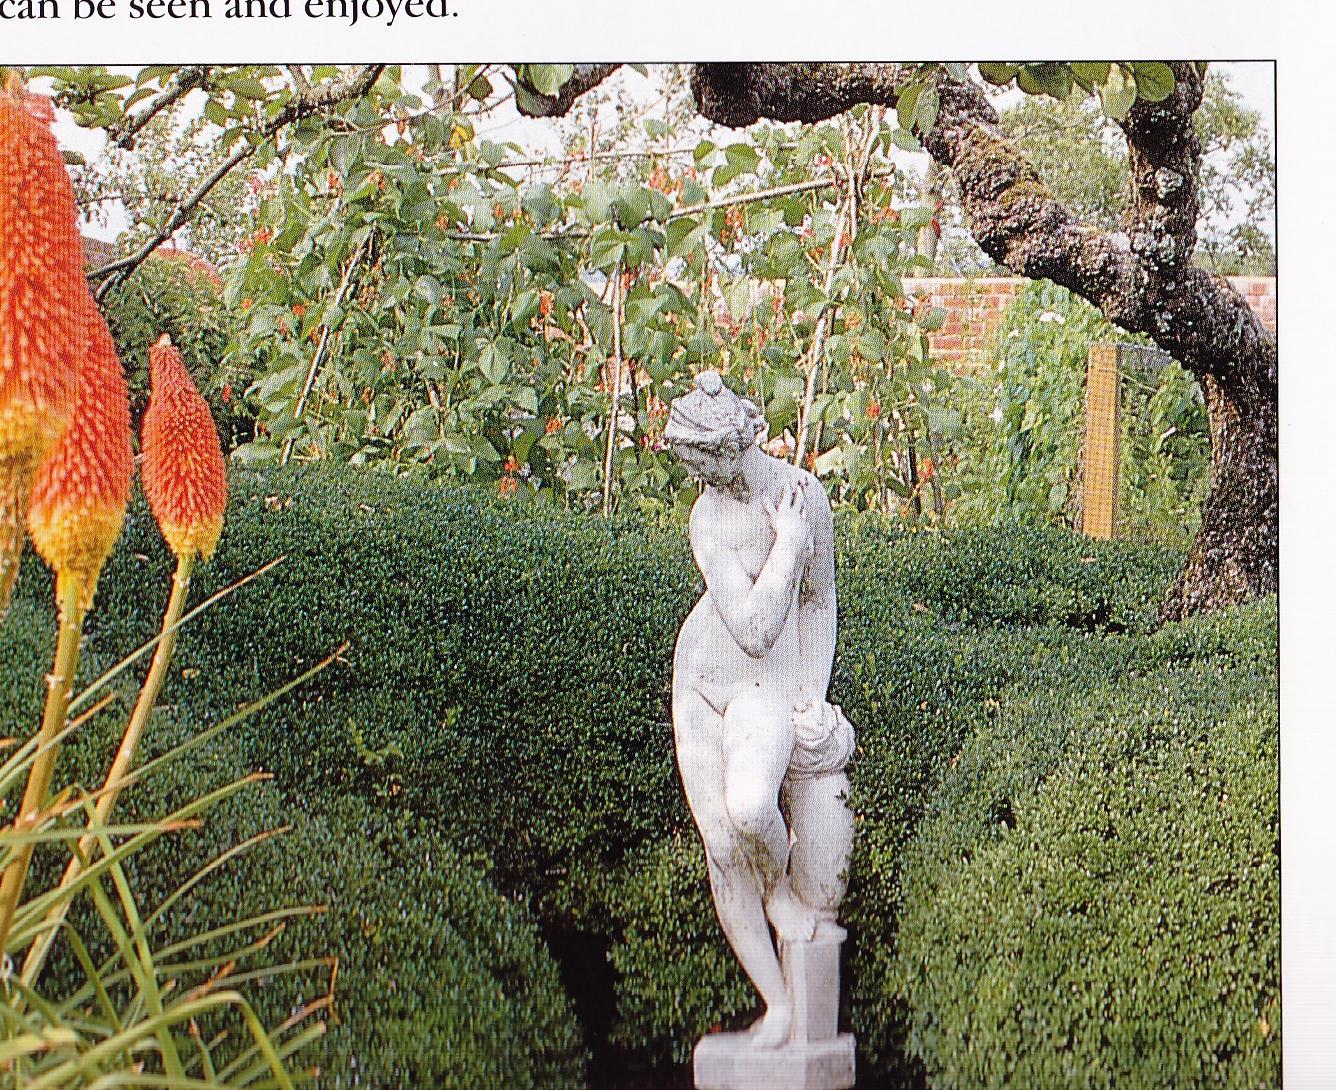 il giardino di montagna: febbraio 2011 - Giardino Fiorito Disegno